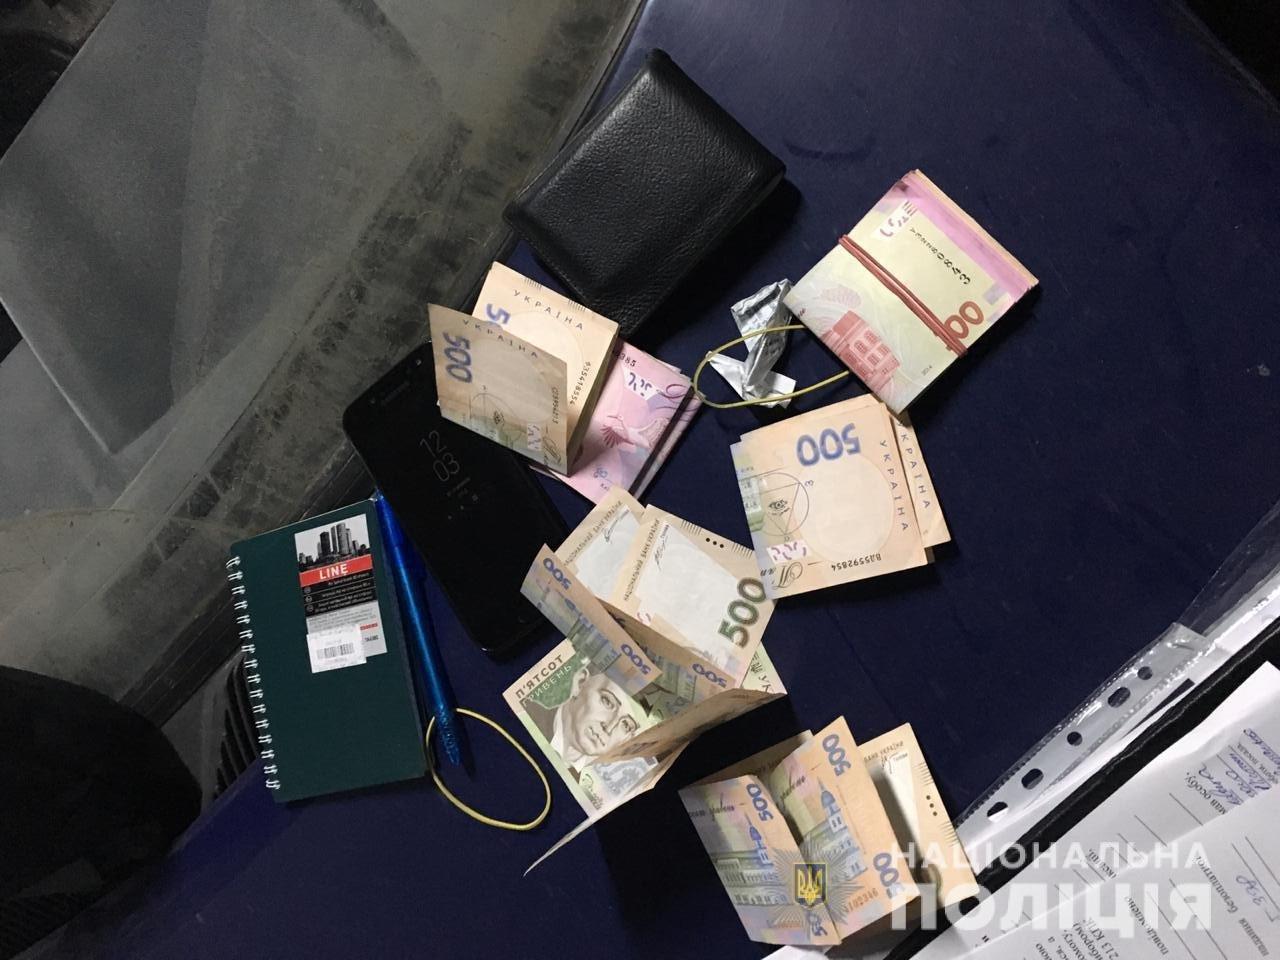 Более 100 килограмм конопли и гашиша. В Харькове «накрыли» наркогруппировку, - ФОТО, фото-2